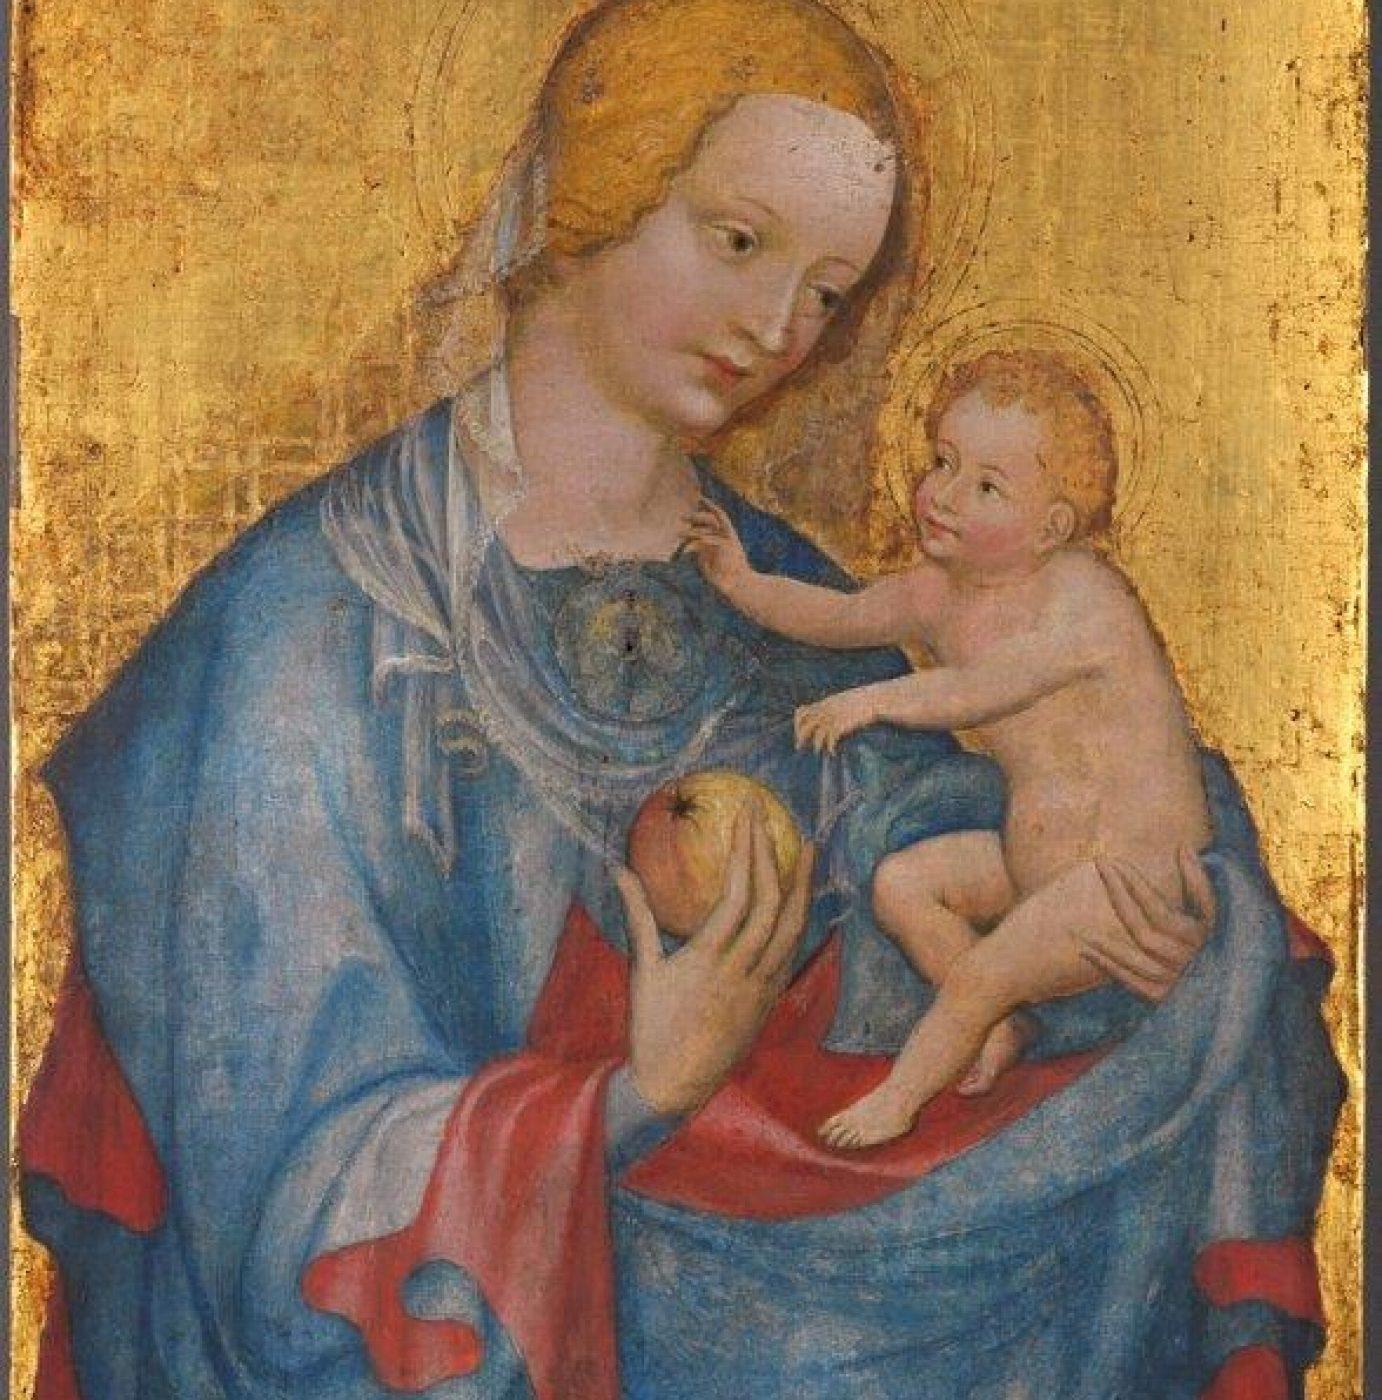 Meister der Benediktbeurer Madonna, »Maria mit dem Kinde« 1. Viertel des 15. Jhs., ca. 44 x 34 cm, Alte Pinakothek. <br>© Sibylle Forster, Bayerische Staatsgemäldesammlungen